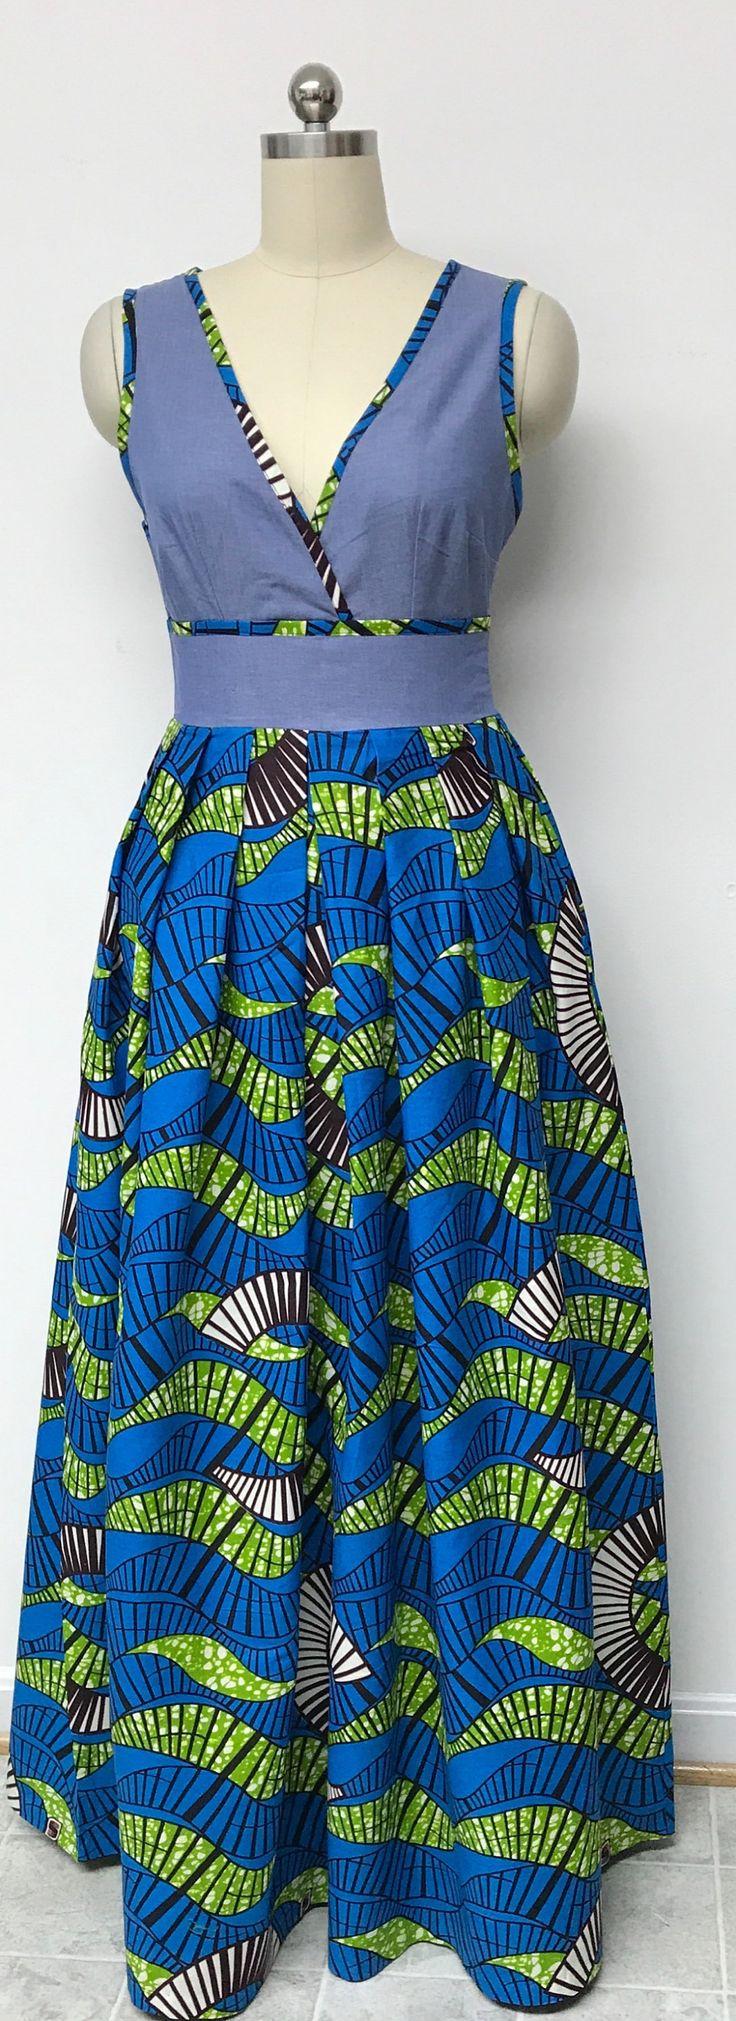 Collection DENWAX 2019. Robe maxi sans manches en denim imprimé africain. Taille plissée. Poches. Womens. été. fait. fait sur commande